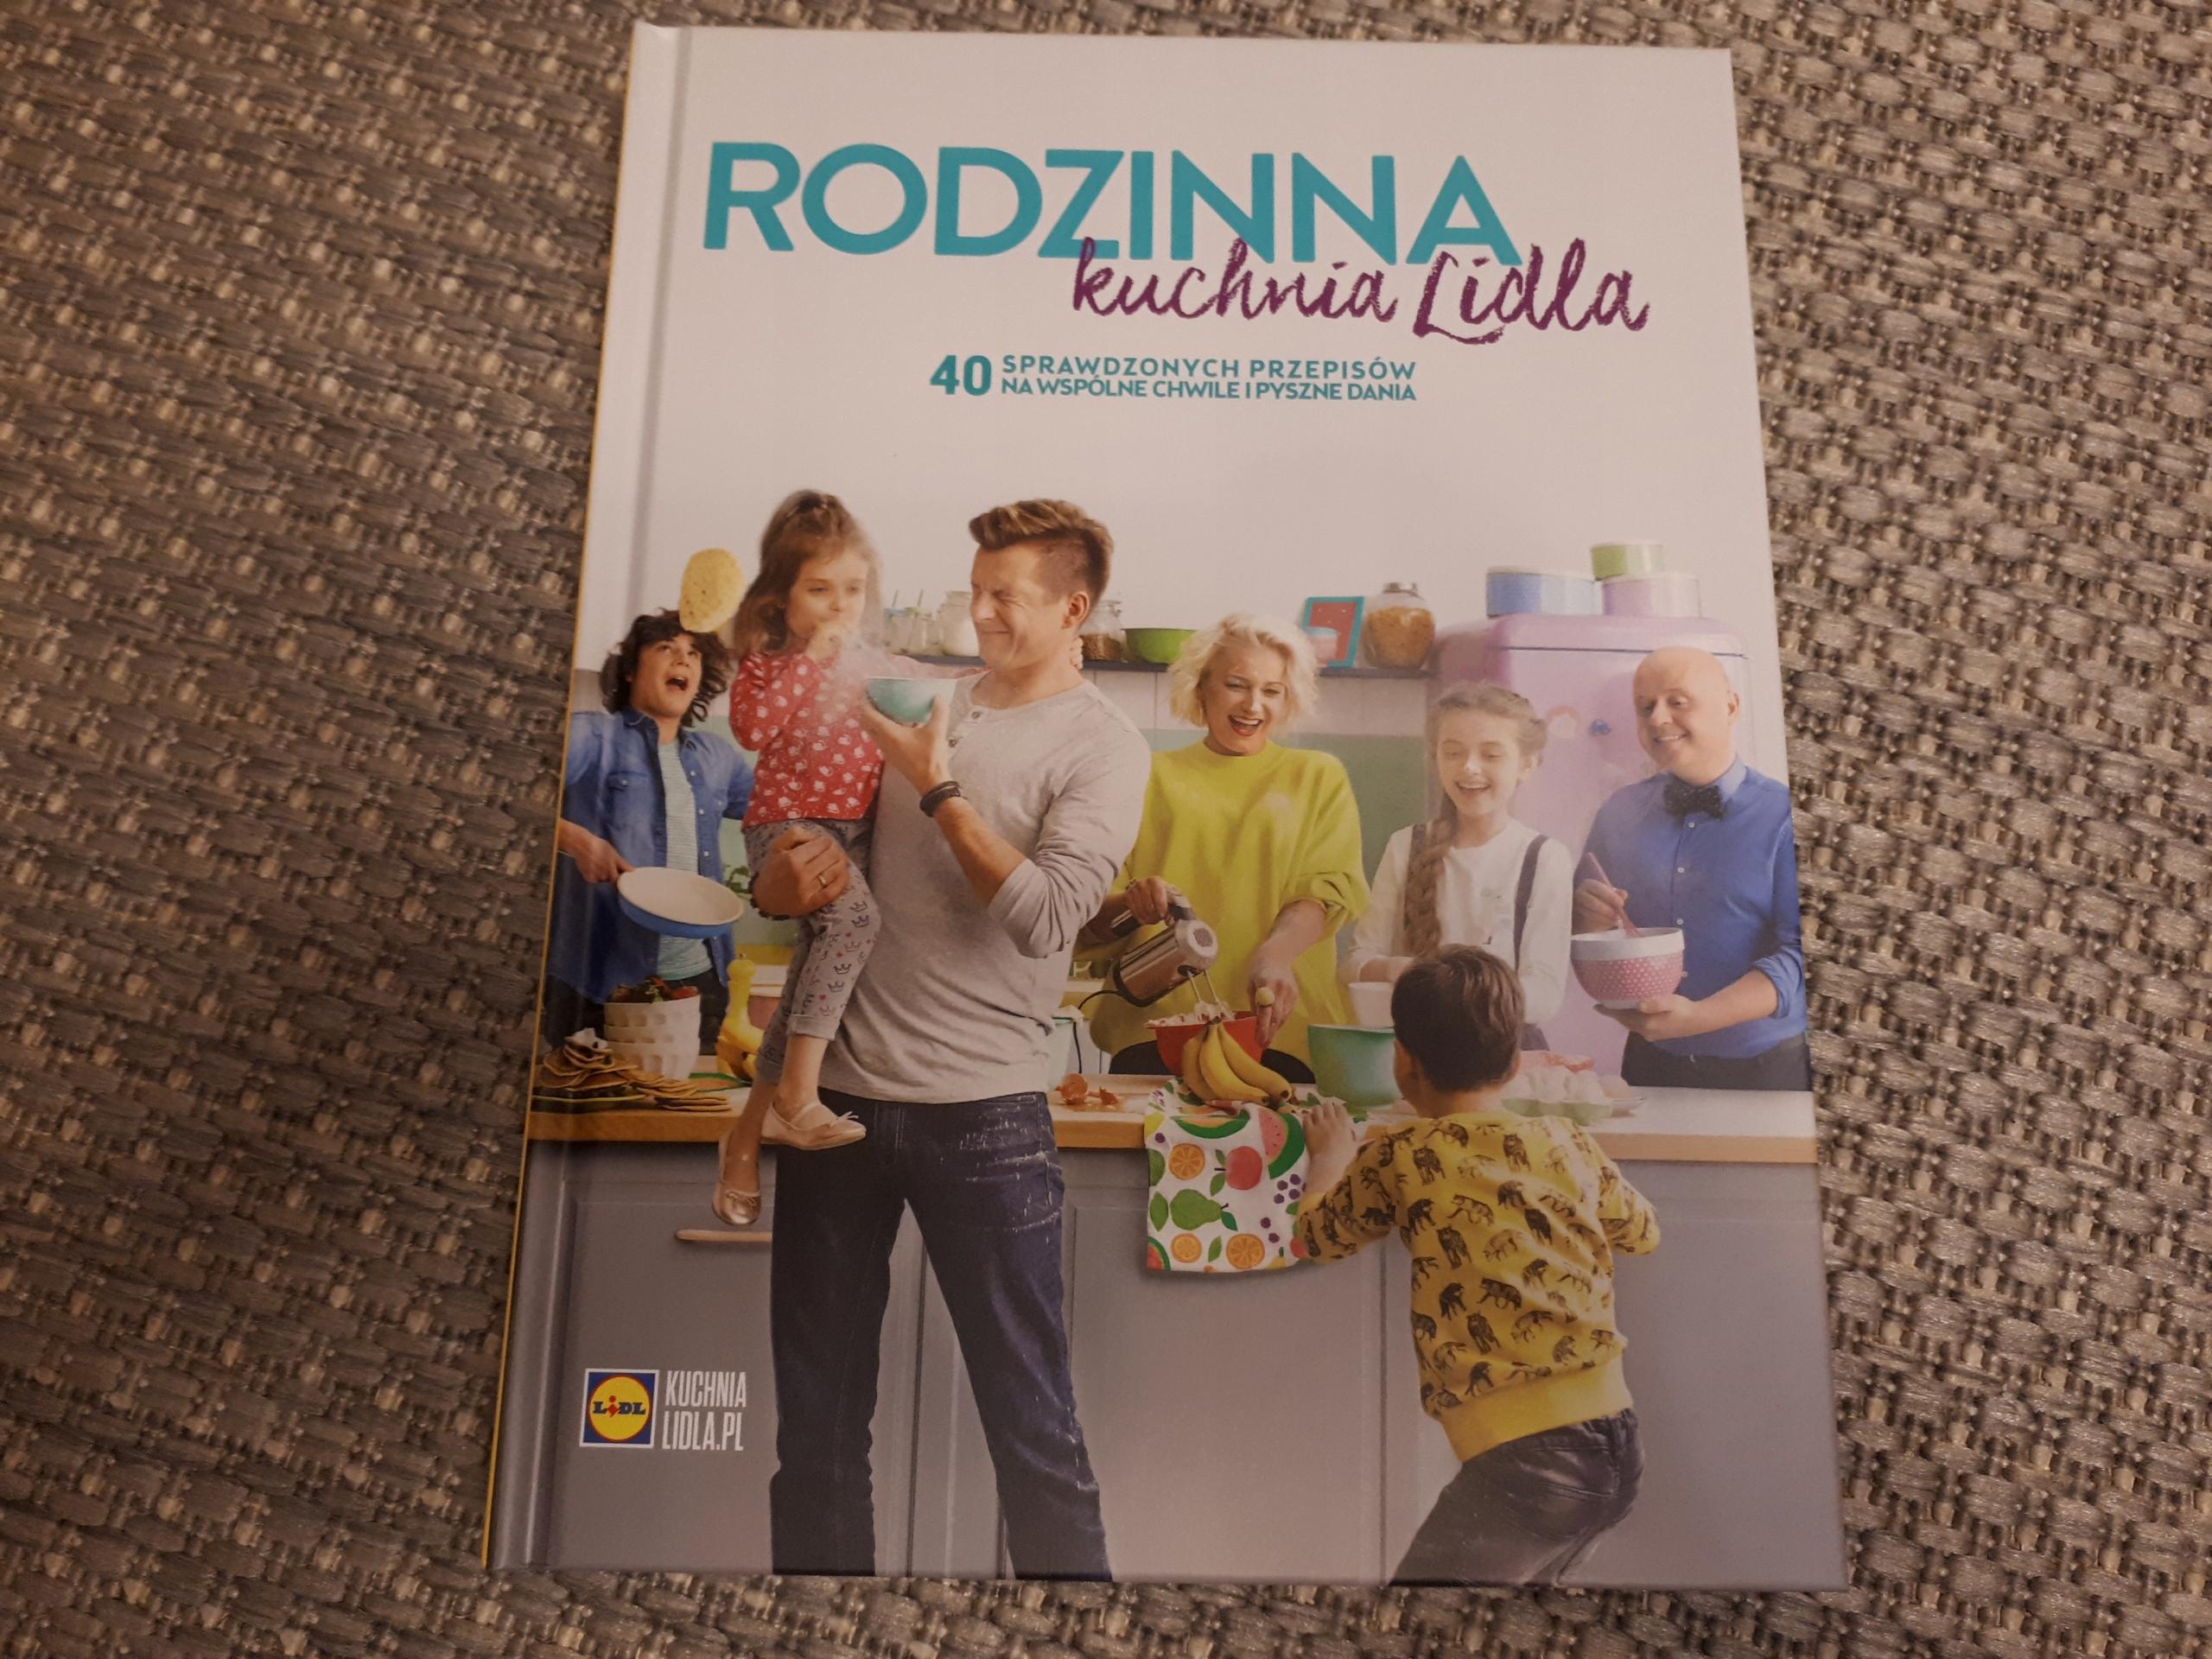 Rodzinna Kuchnia Lidla 40 Przepisów Lidl Nowa